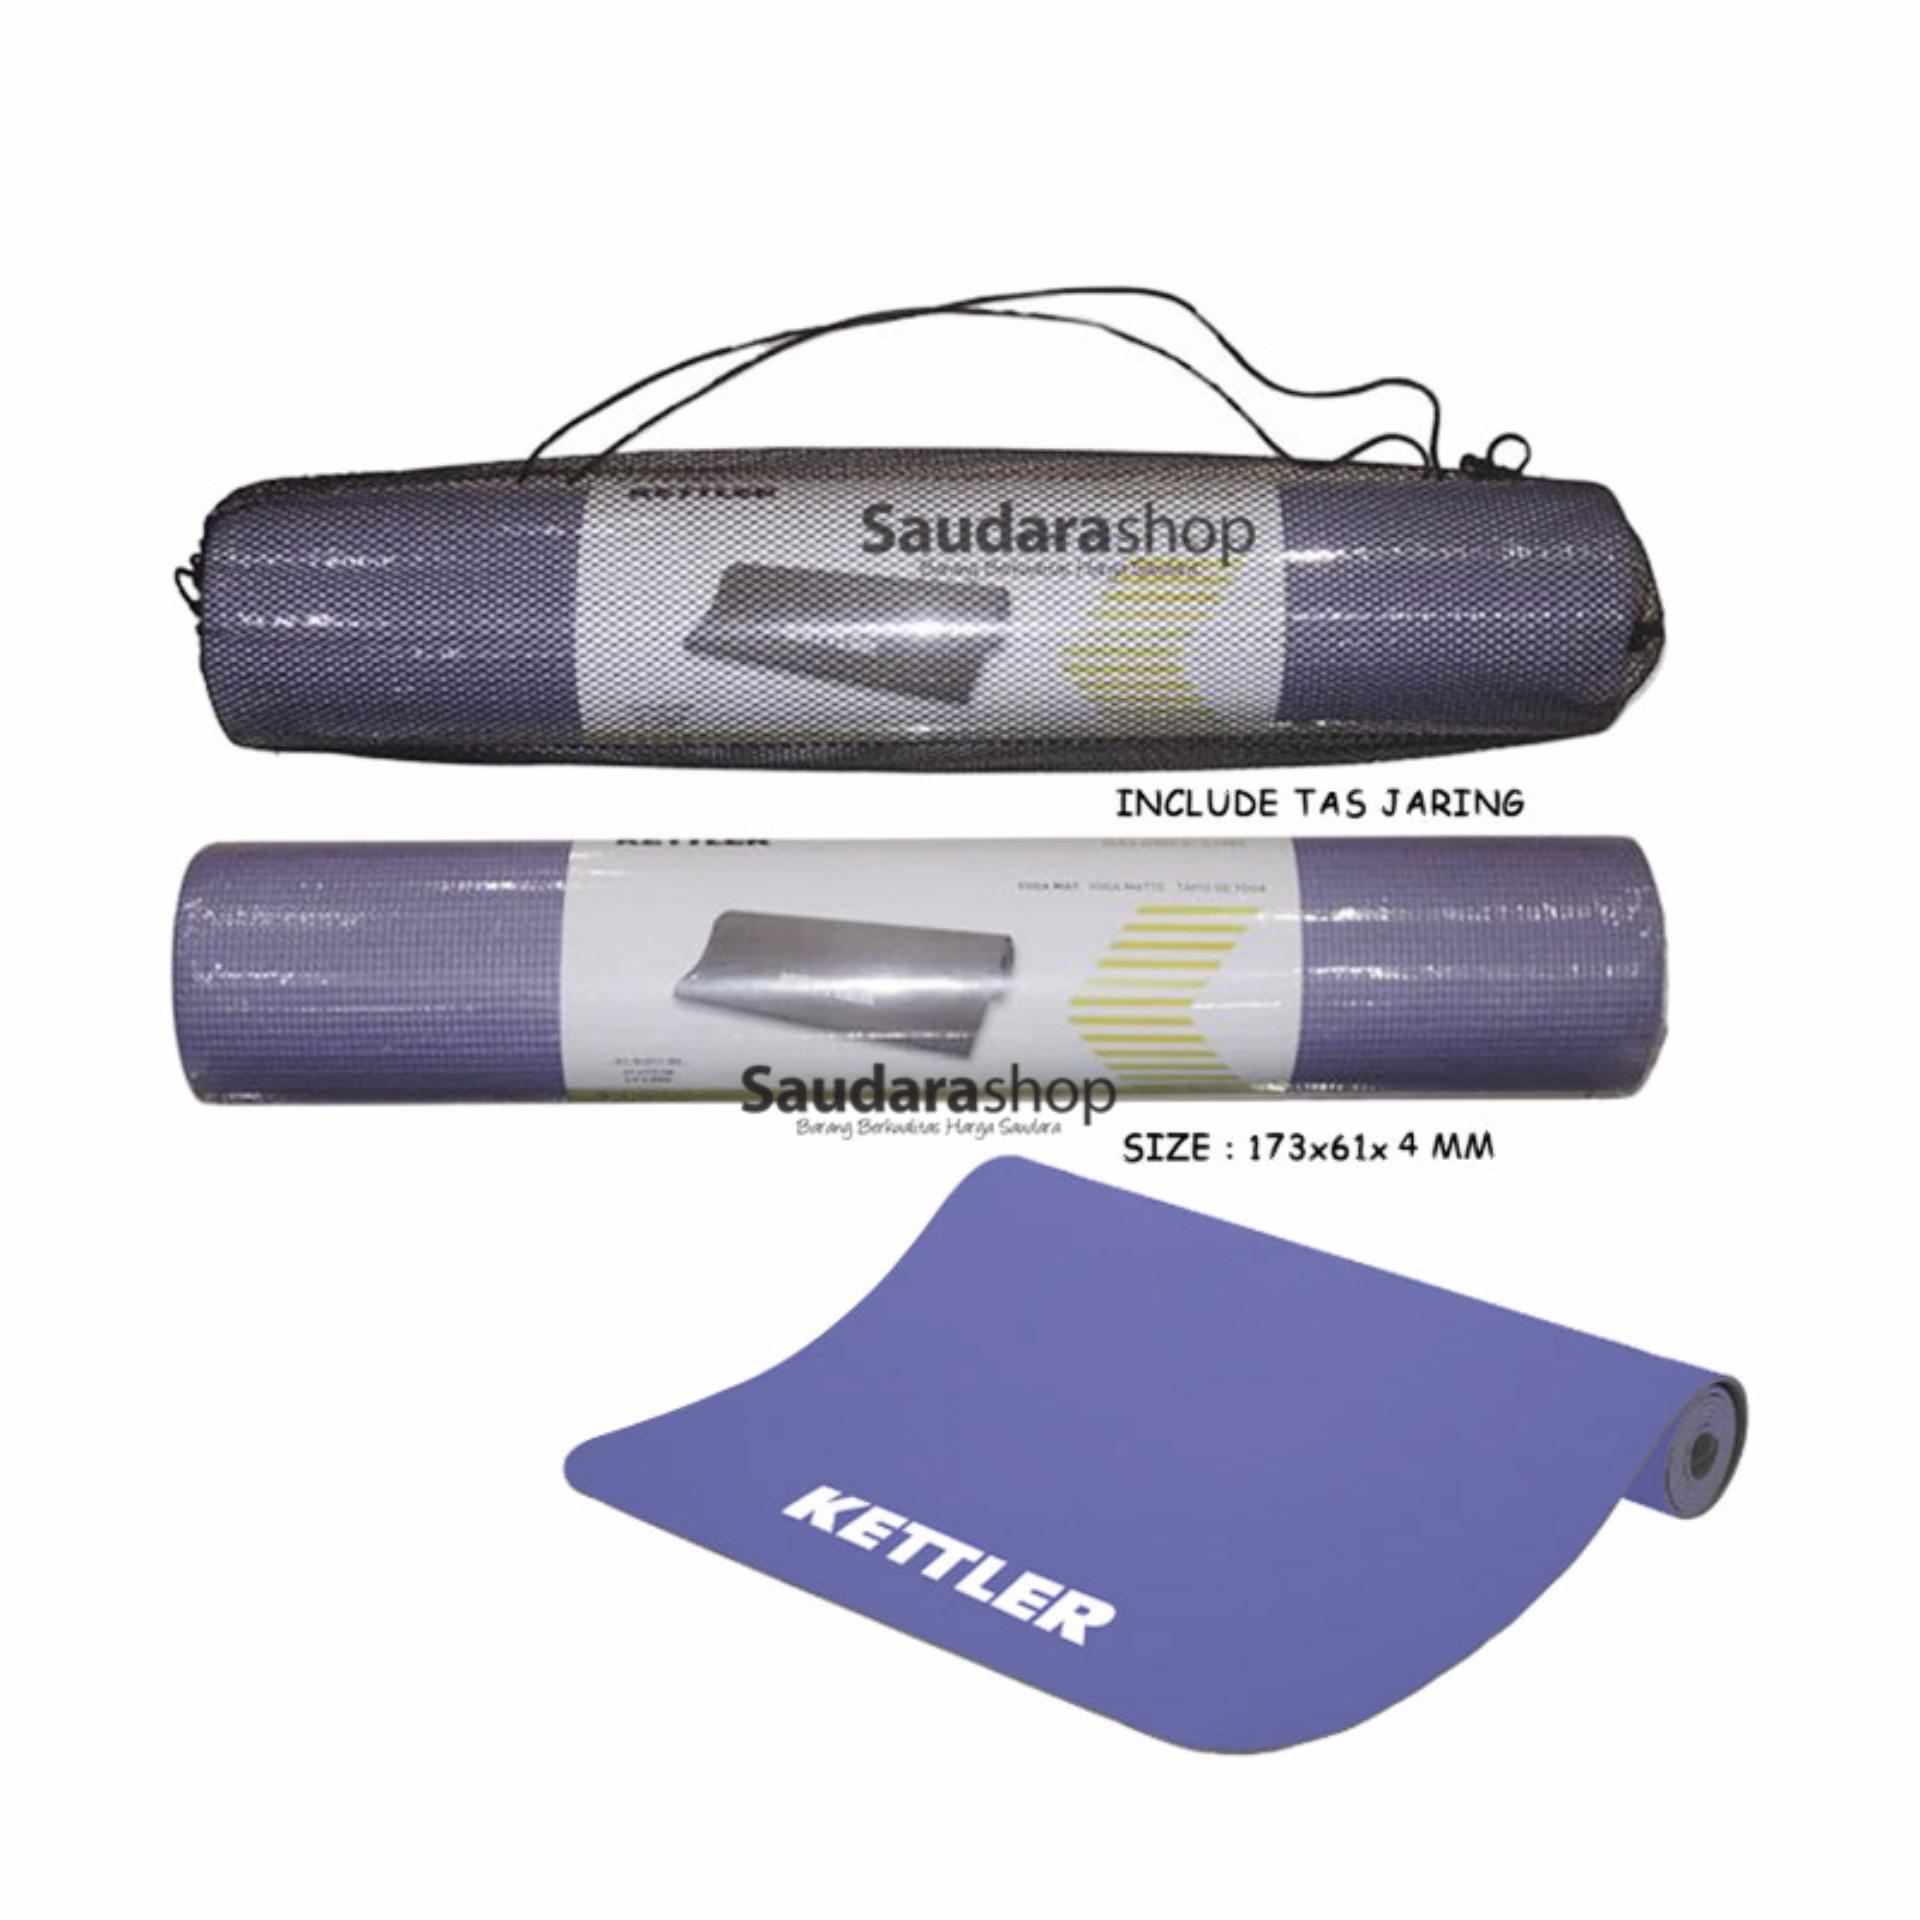 Kettler 0711 Matras Yoga Mat 4mm 45mm Daftar Harga Terbaik 80mm Flash Sale